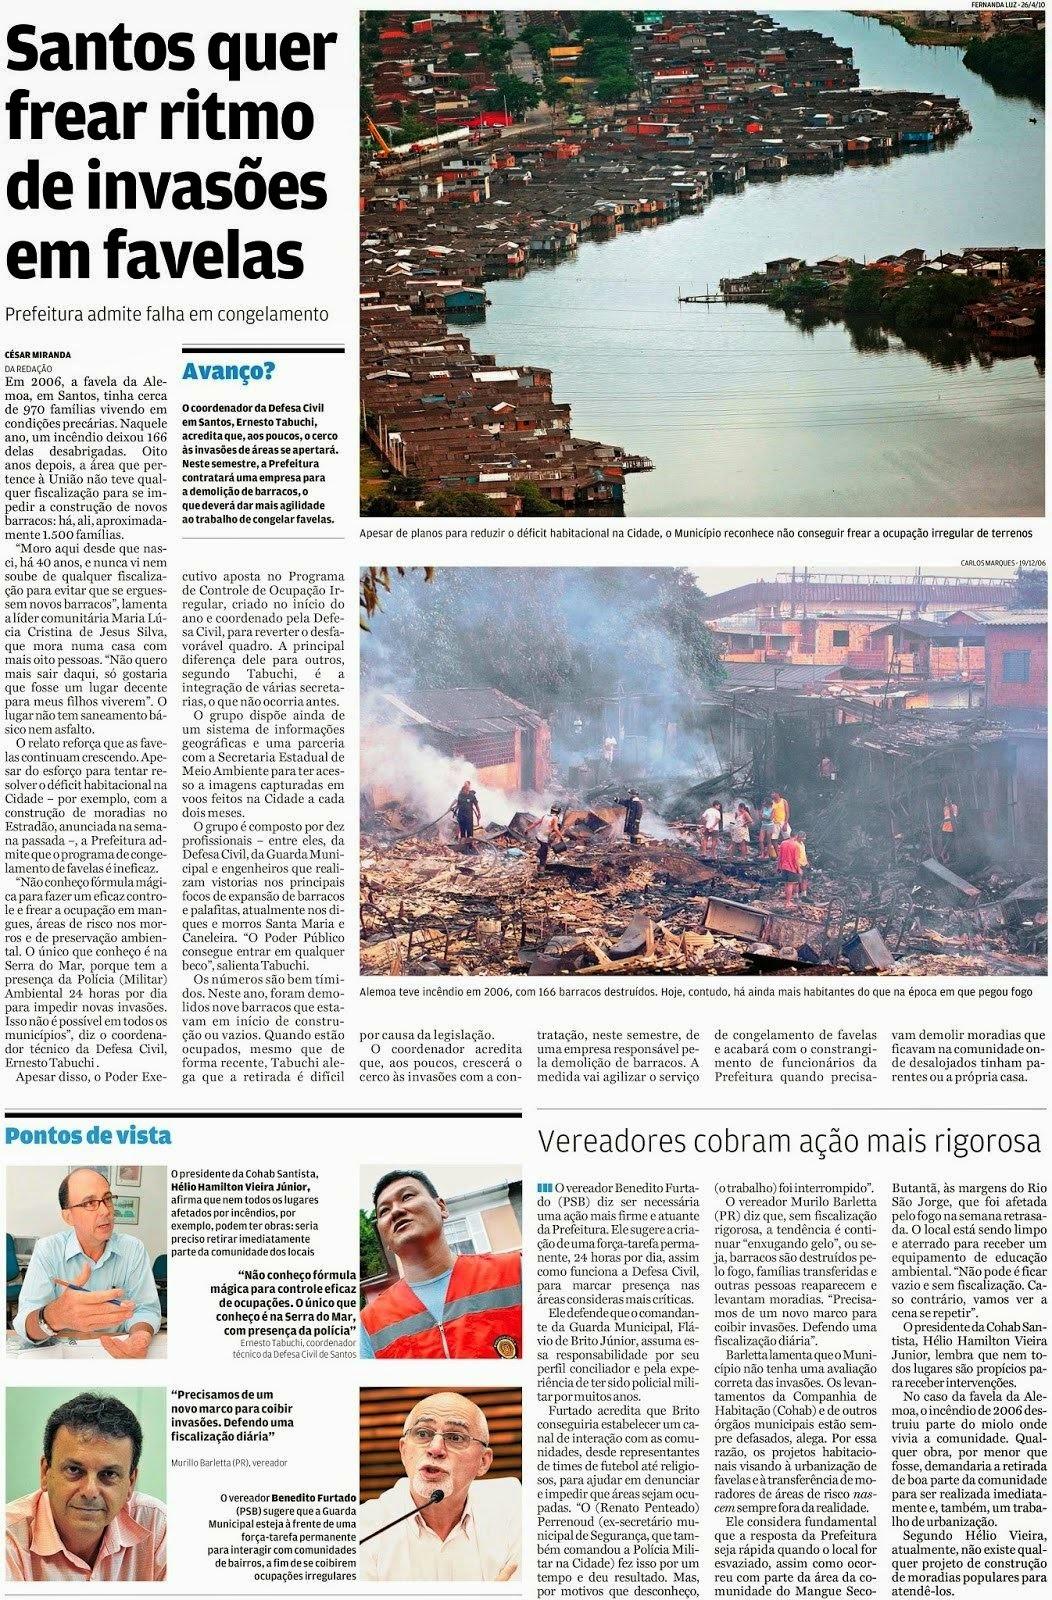 Santos quer frear ritmo de invasões em favelas